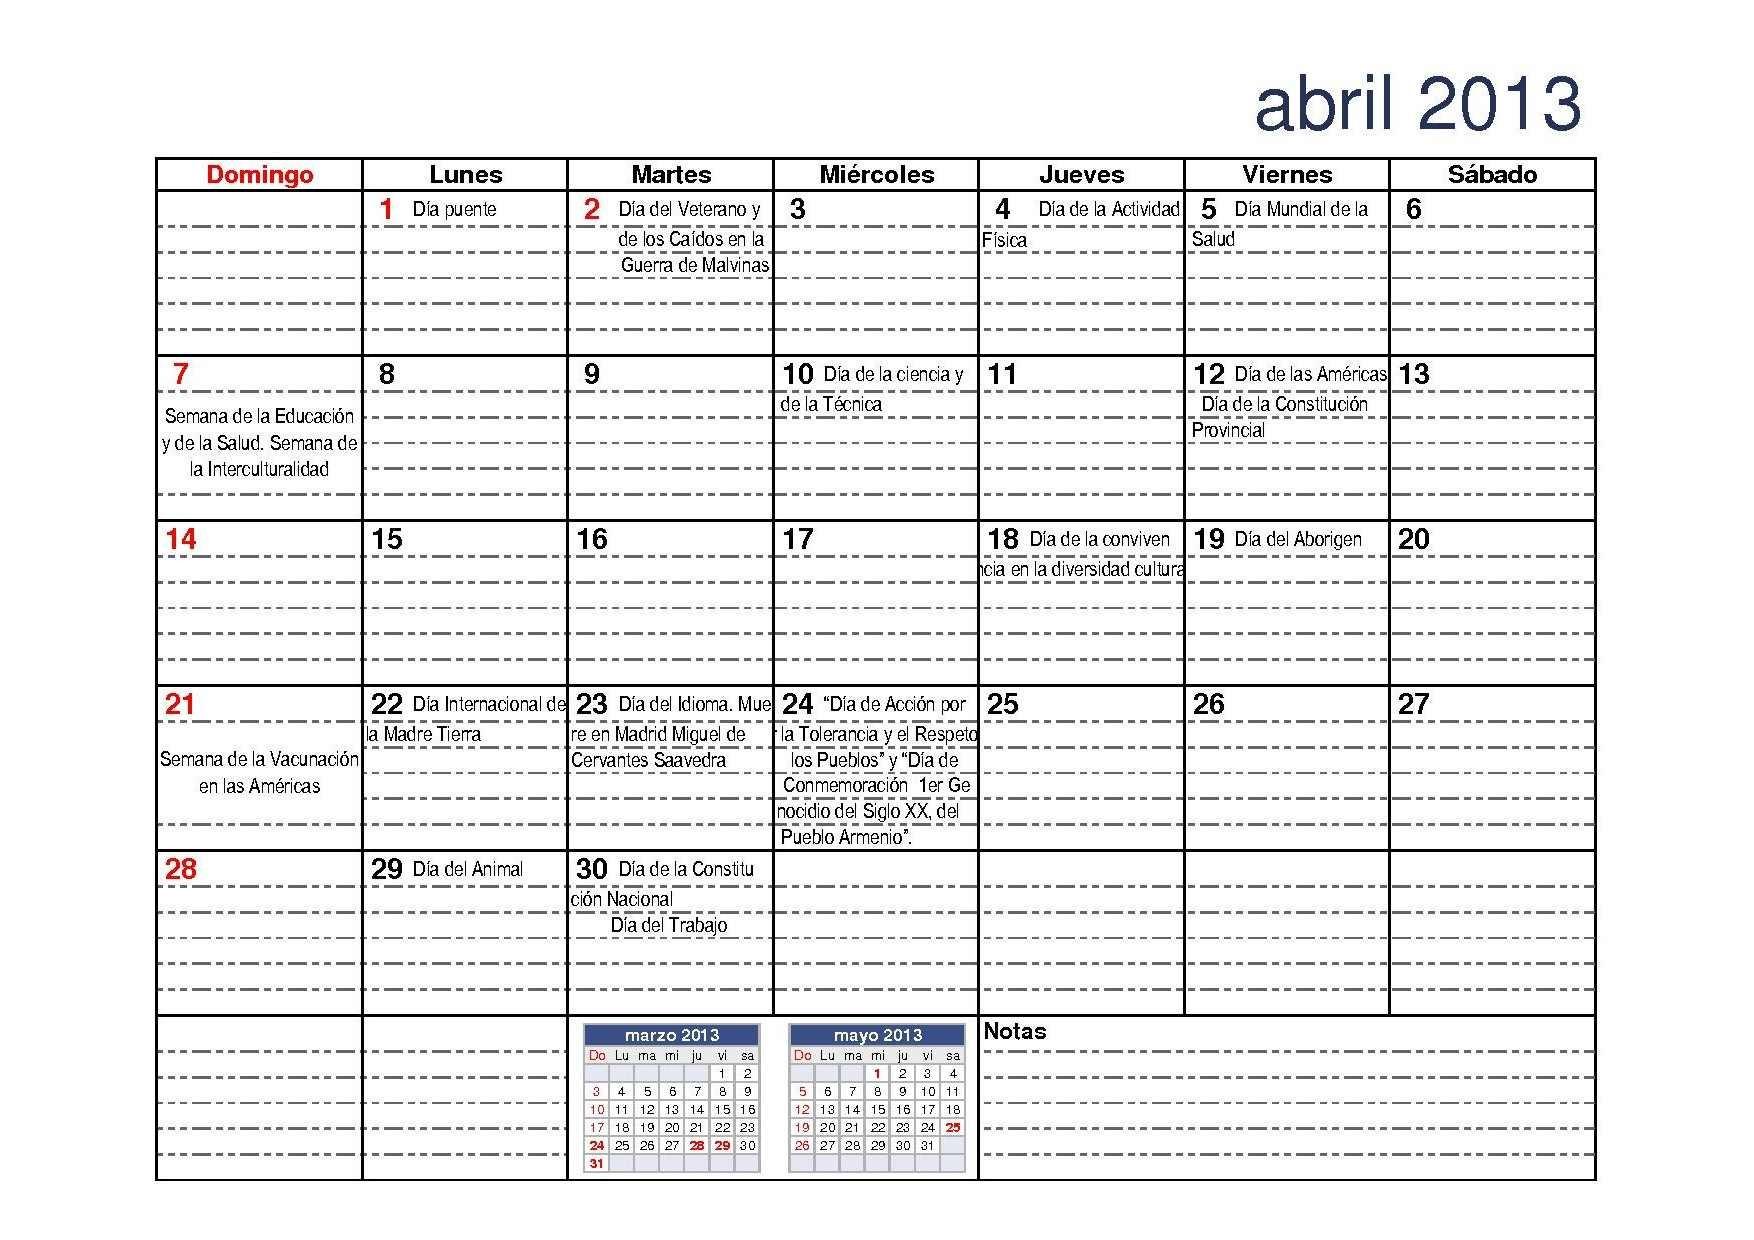 Calendario 2017 En Blanco Para Imprimir Argentina Más Arriba-a-fecha 2013 Marzo 31 Para Jefaturas Regionales Y Distritales Of Calendario 2017 En Blanco Para Imprimir Argentina Más Actual Eur Lex R2454 Es Eur Lex